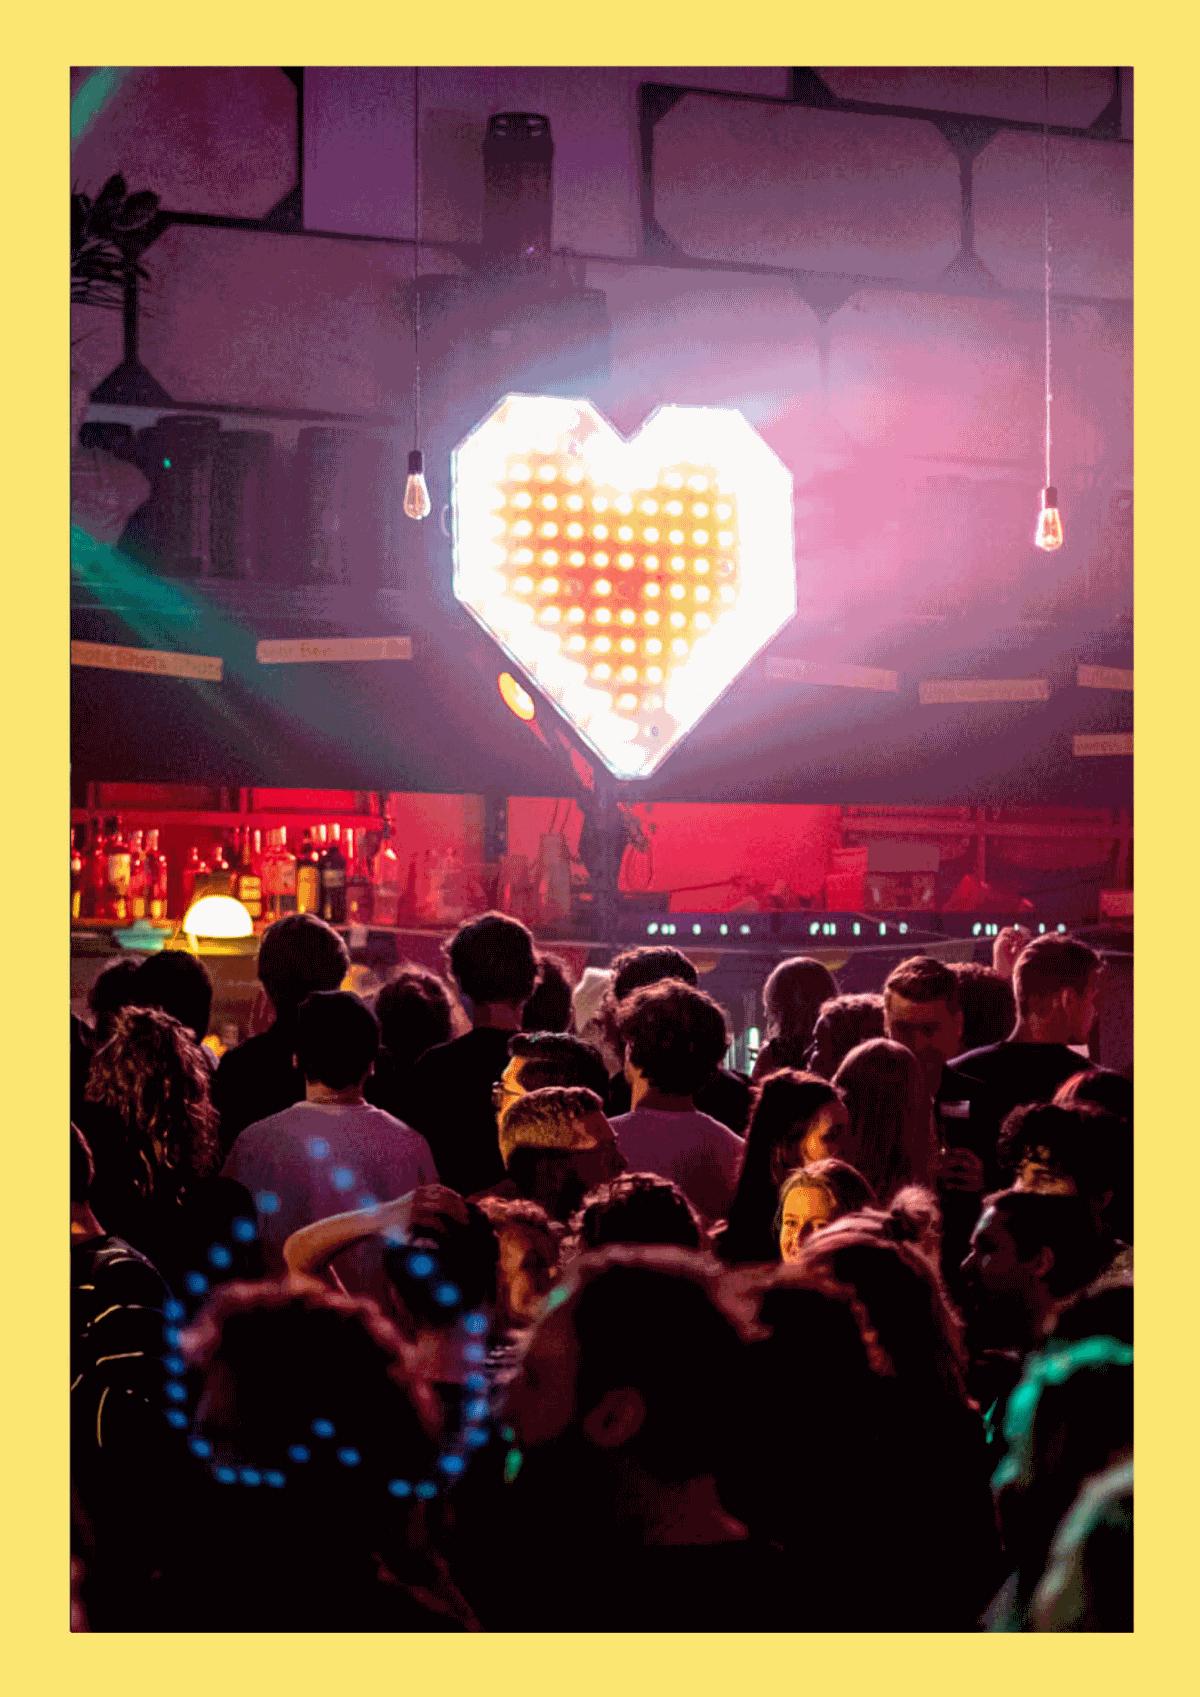 Utrecht zaal huren evenement bedrijfsfeest club